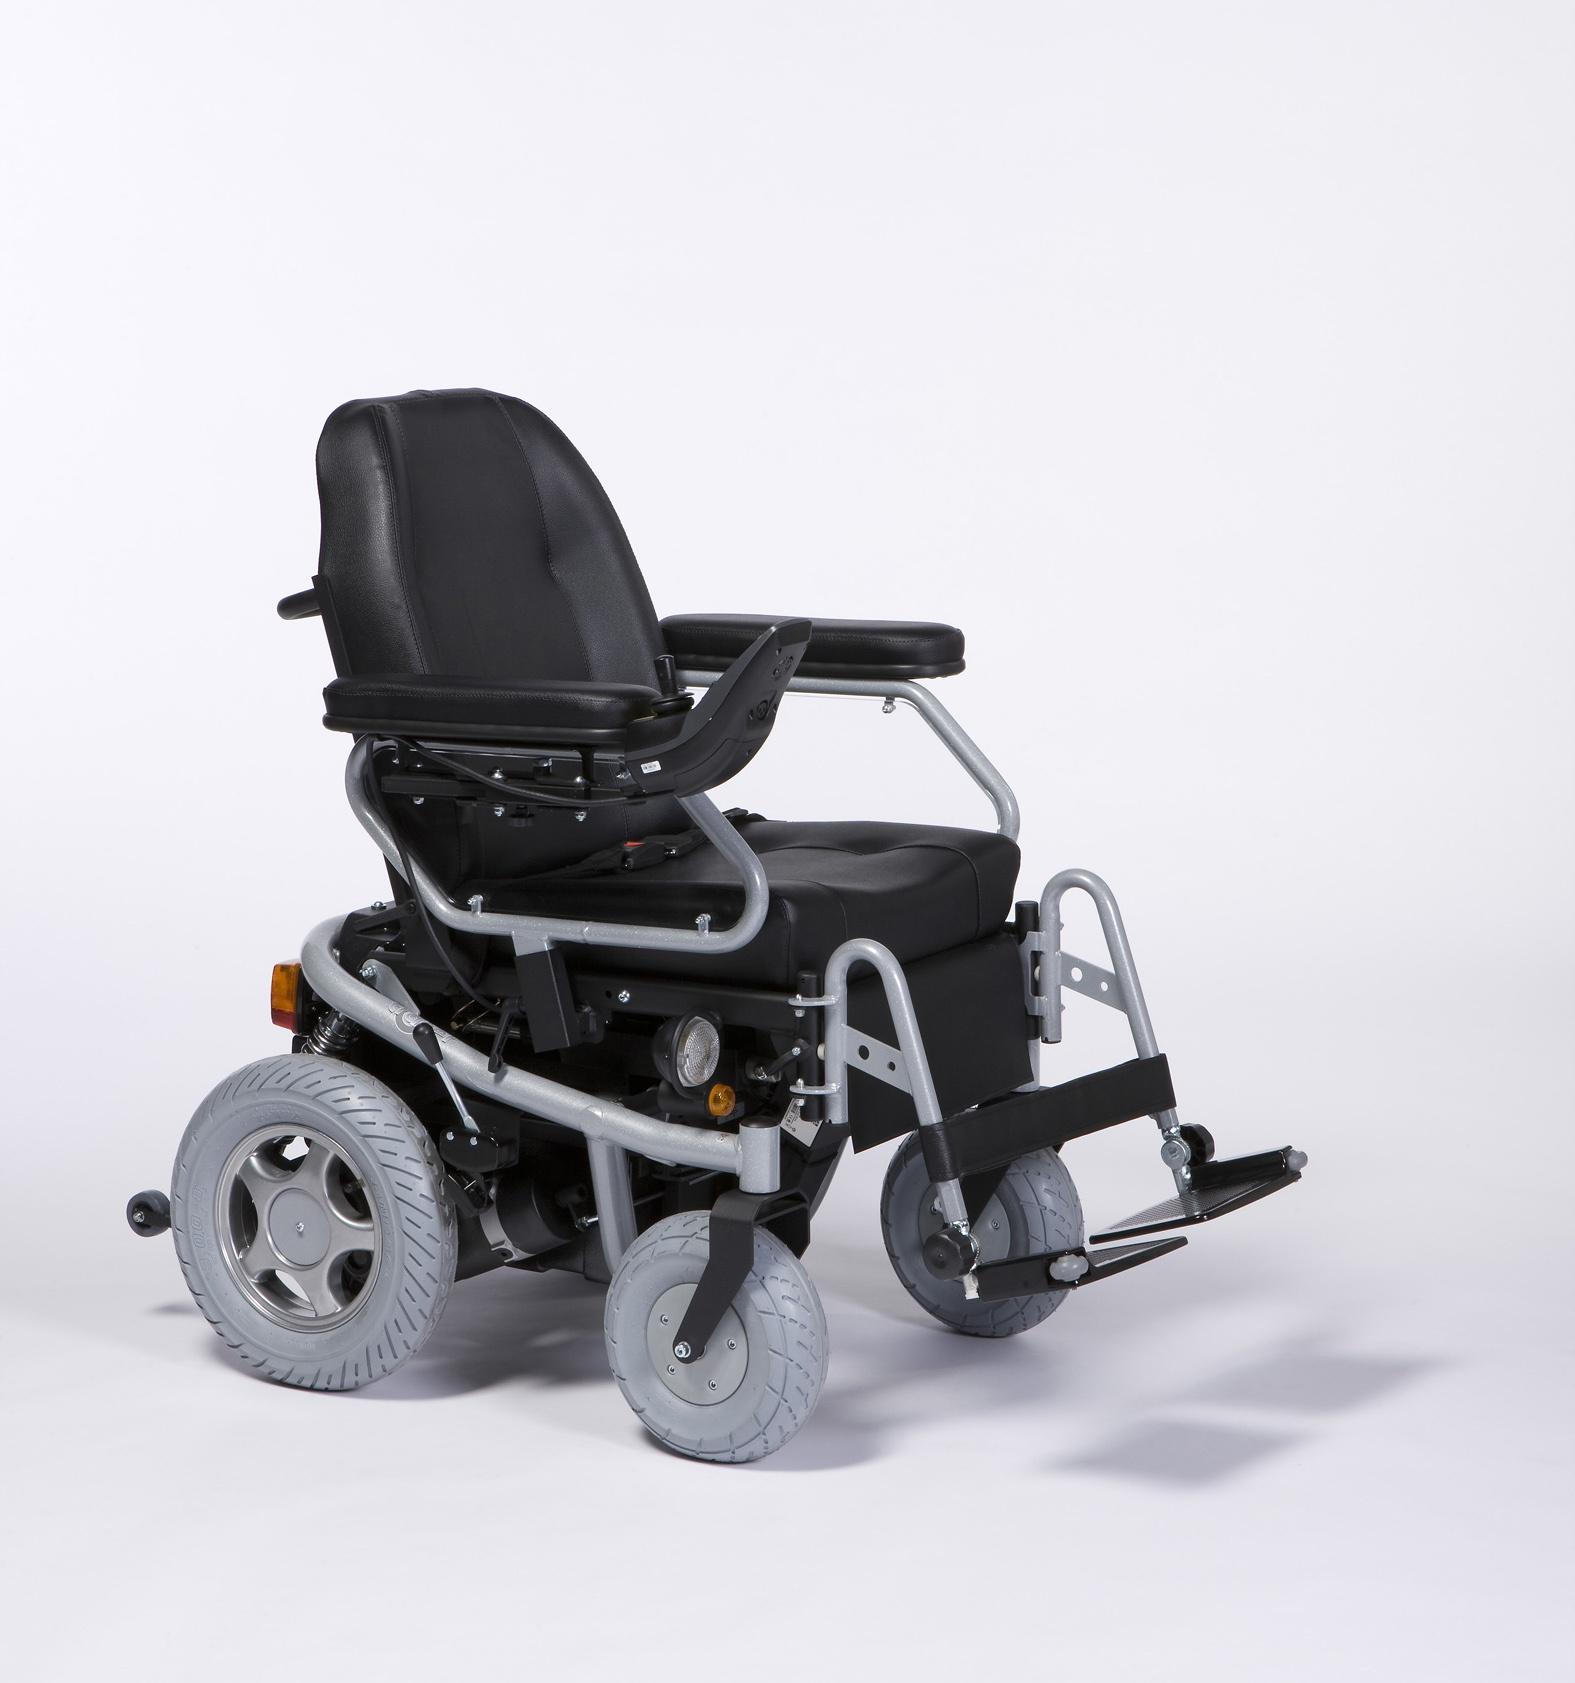 TRACER Wózek z napędem elektrycznym pokojowo-terenowy